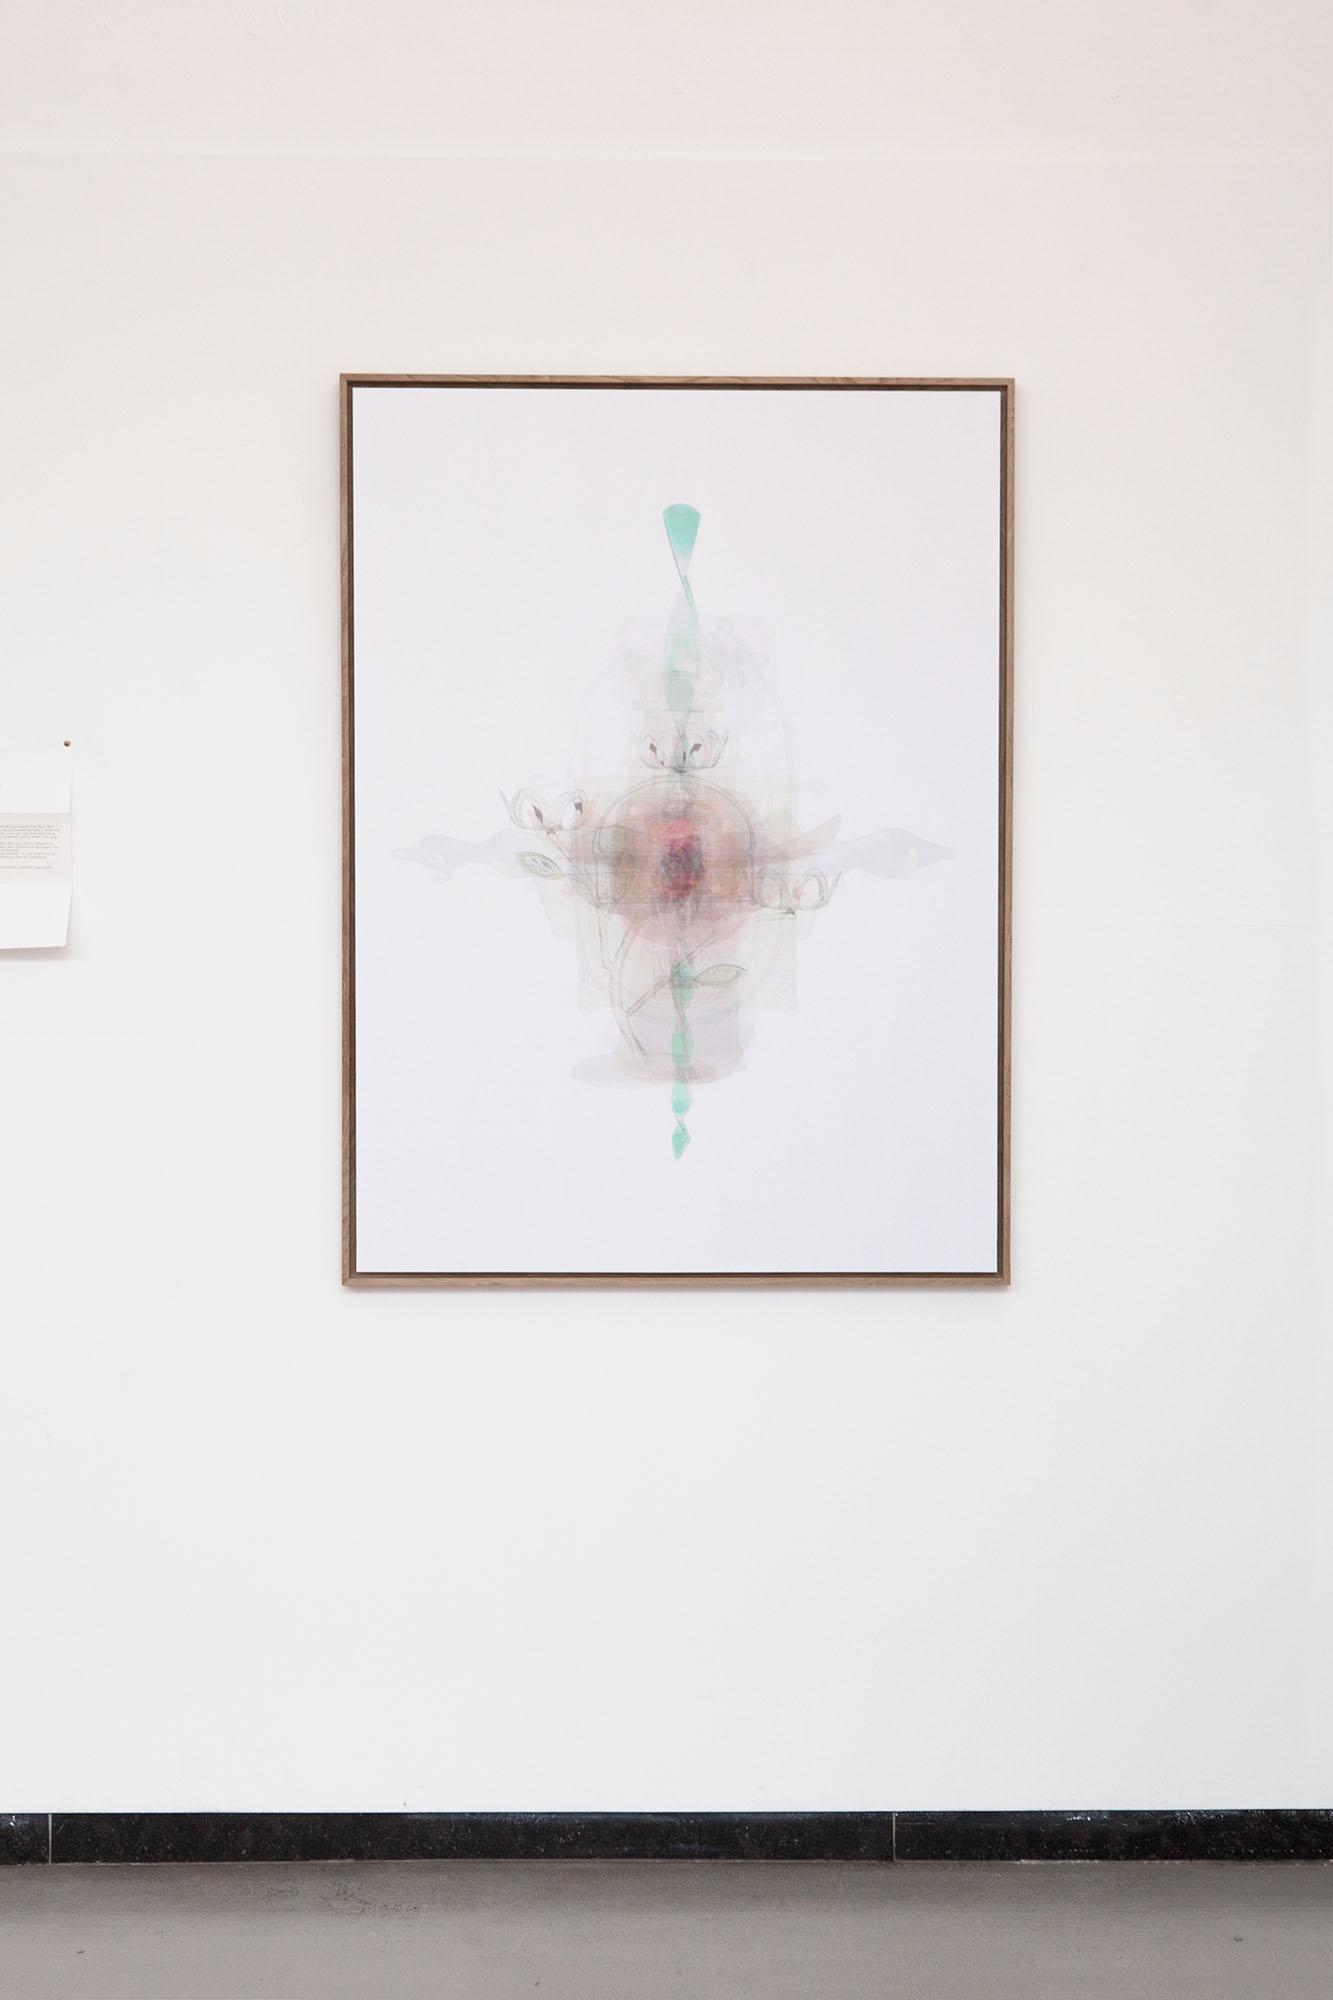 Justine Guerriat_Musée de la Photographie, Charleroi, 2014-2015_007.jpg